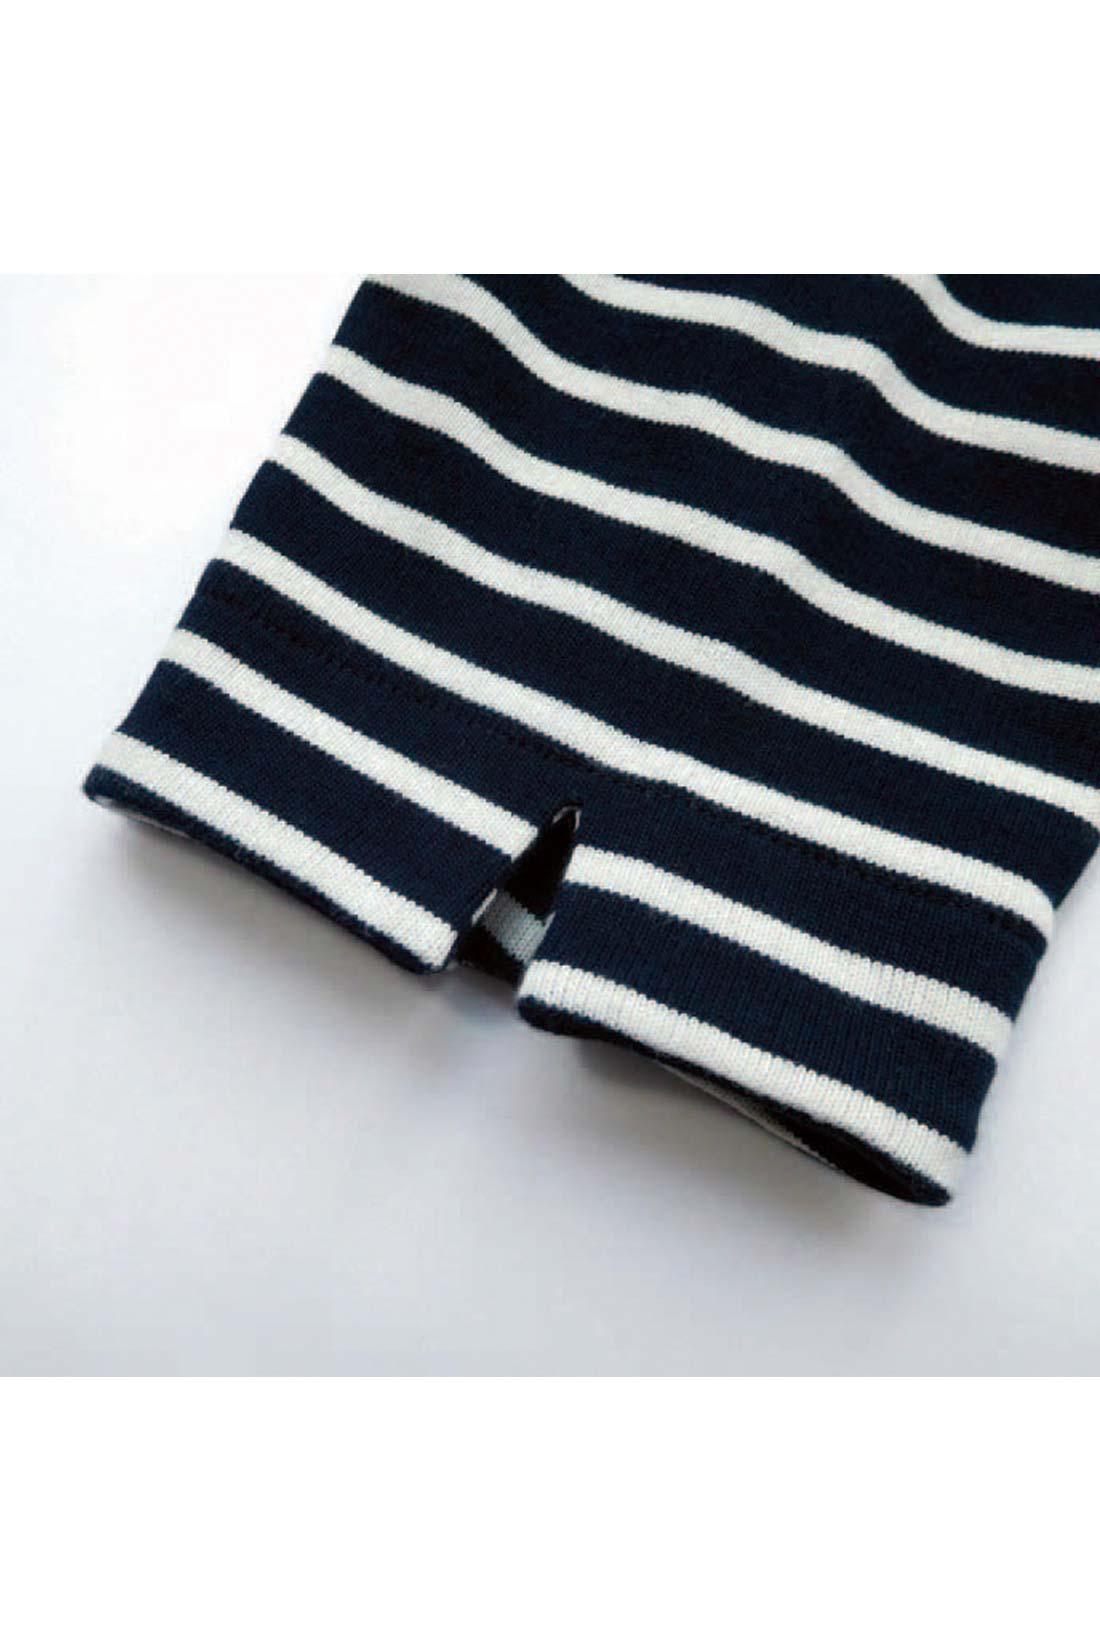 [袖の先には。]小さなスリットが。何気にかわいいね。 ※お届けするカラーとは異なります。